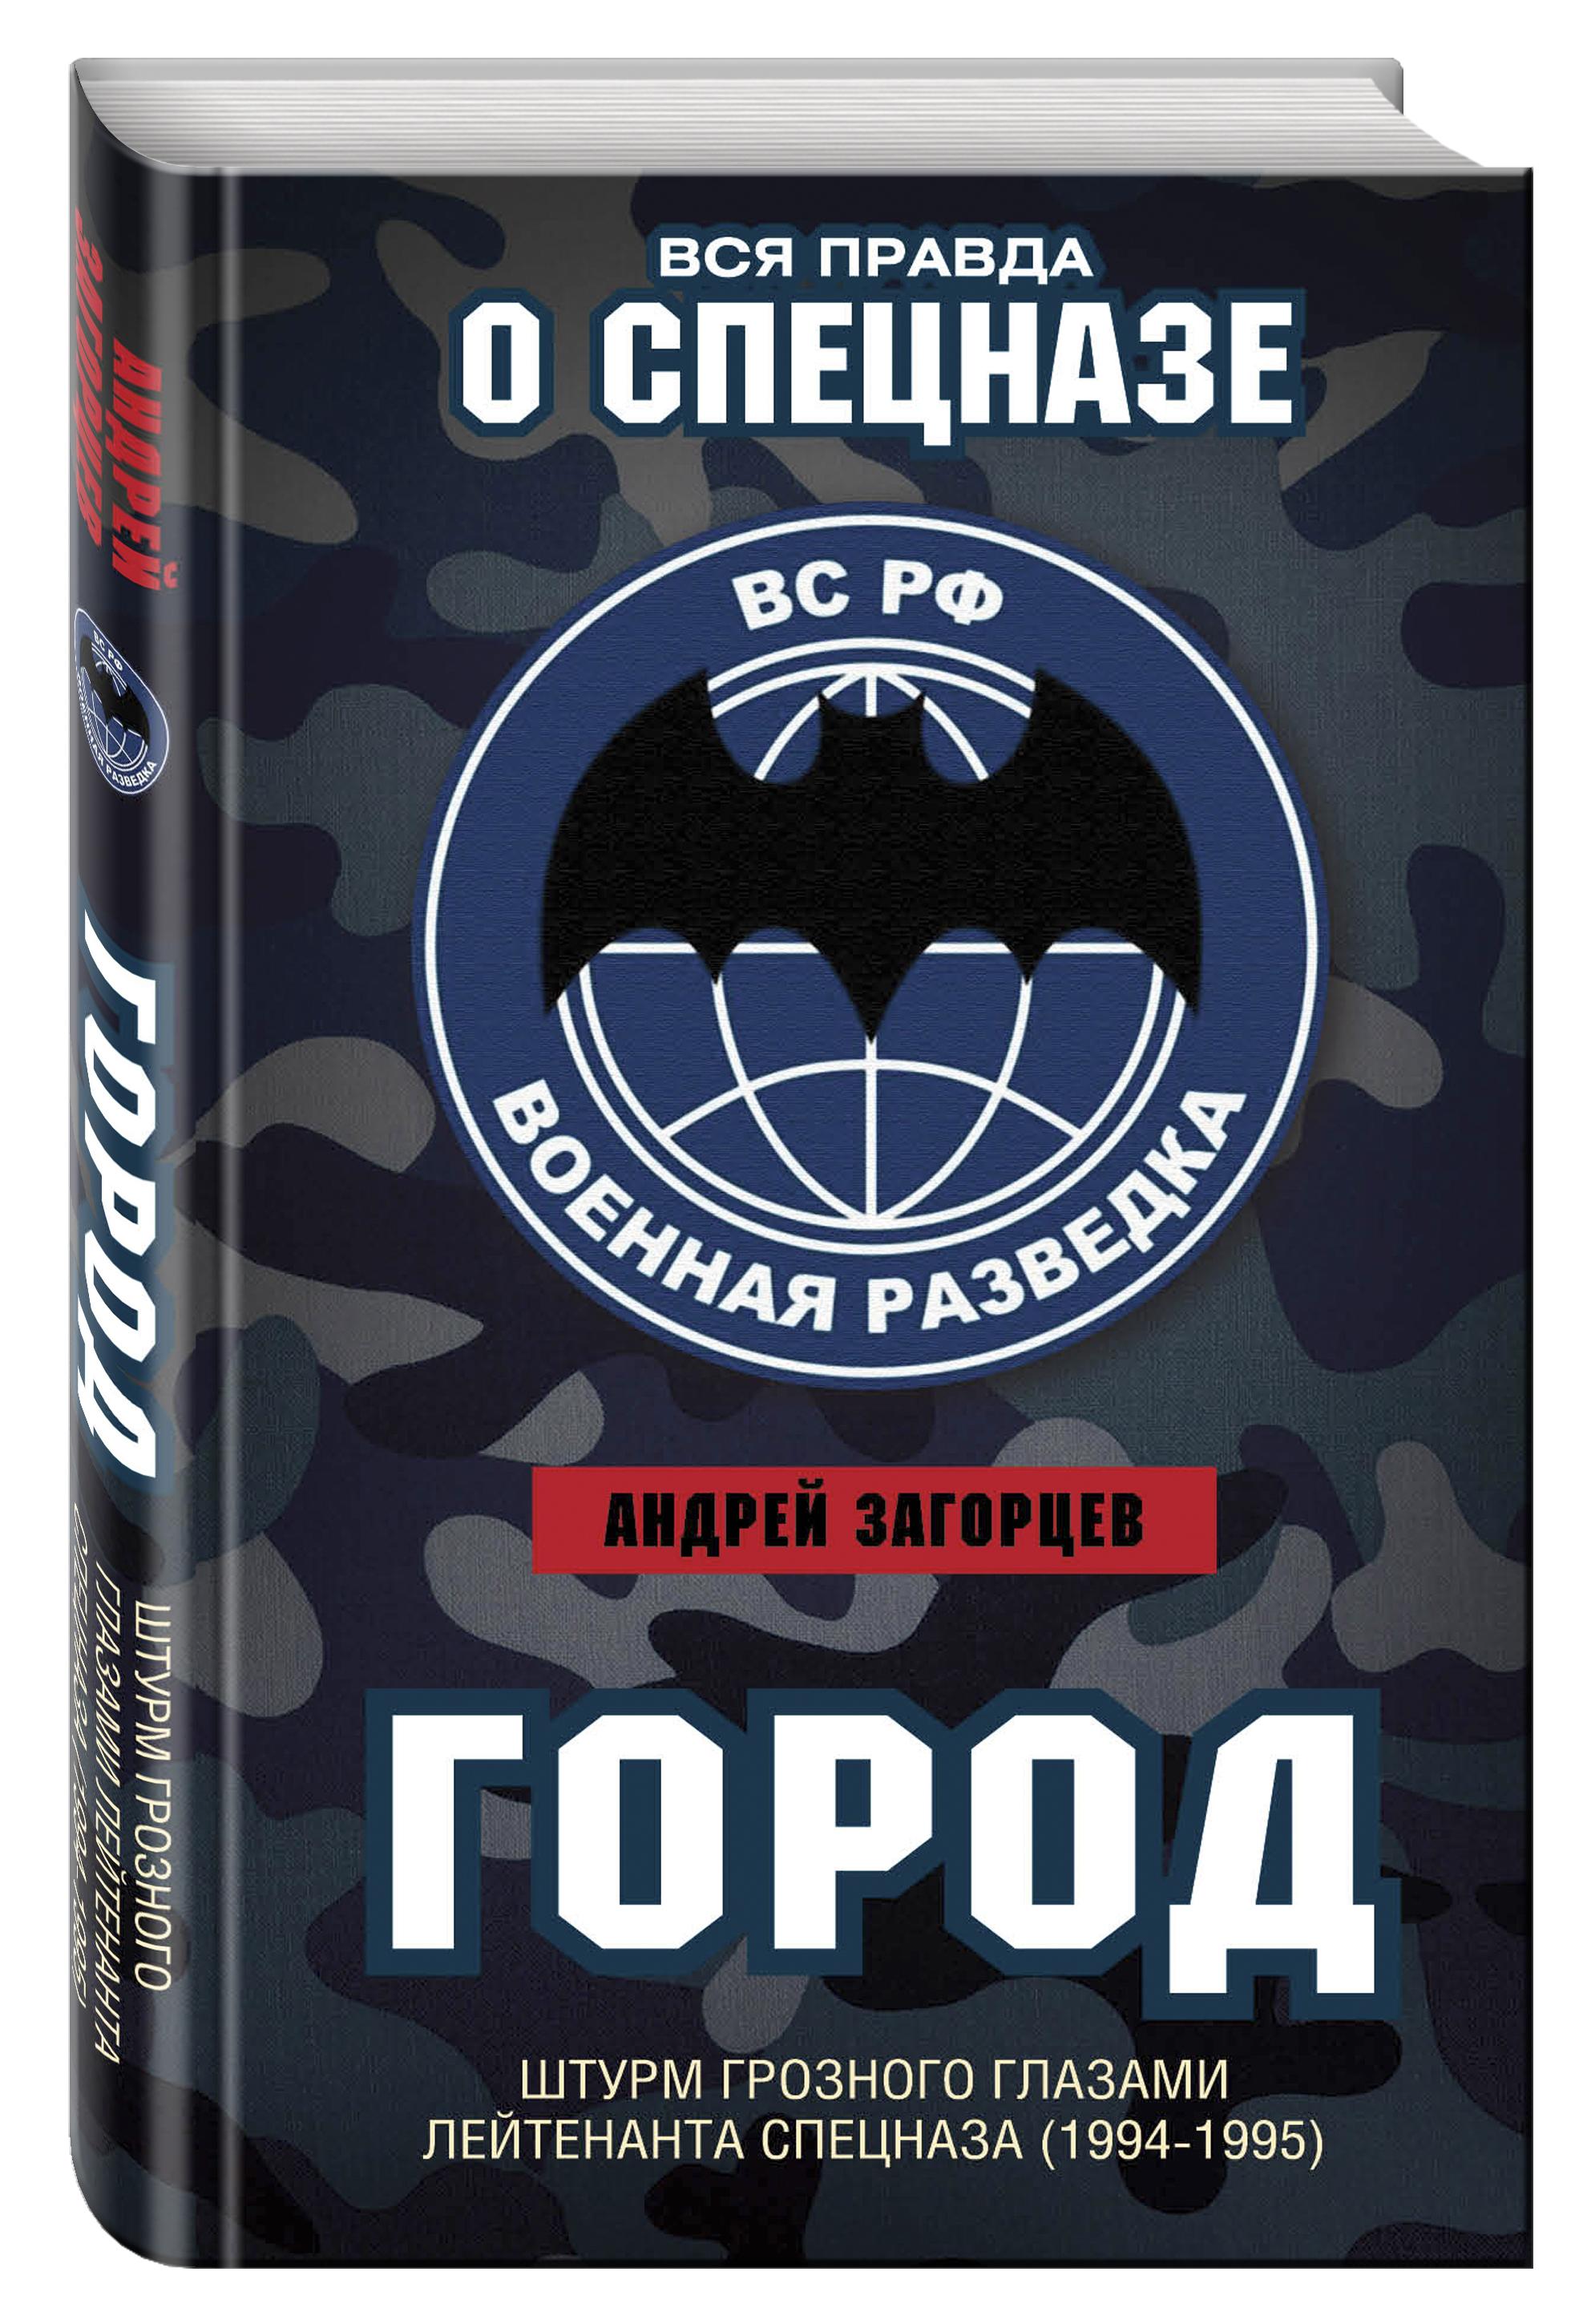 Загорцев А.В. Город. Штурм Грозного глазами лейтенанта спецназа (1994-1995)